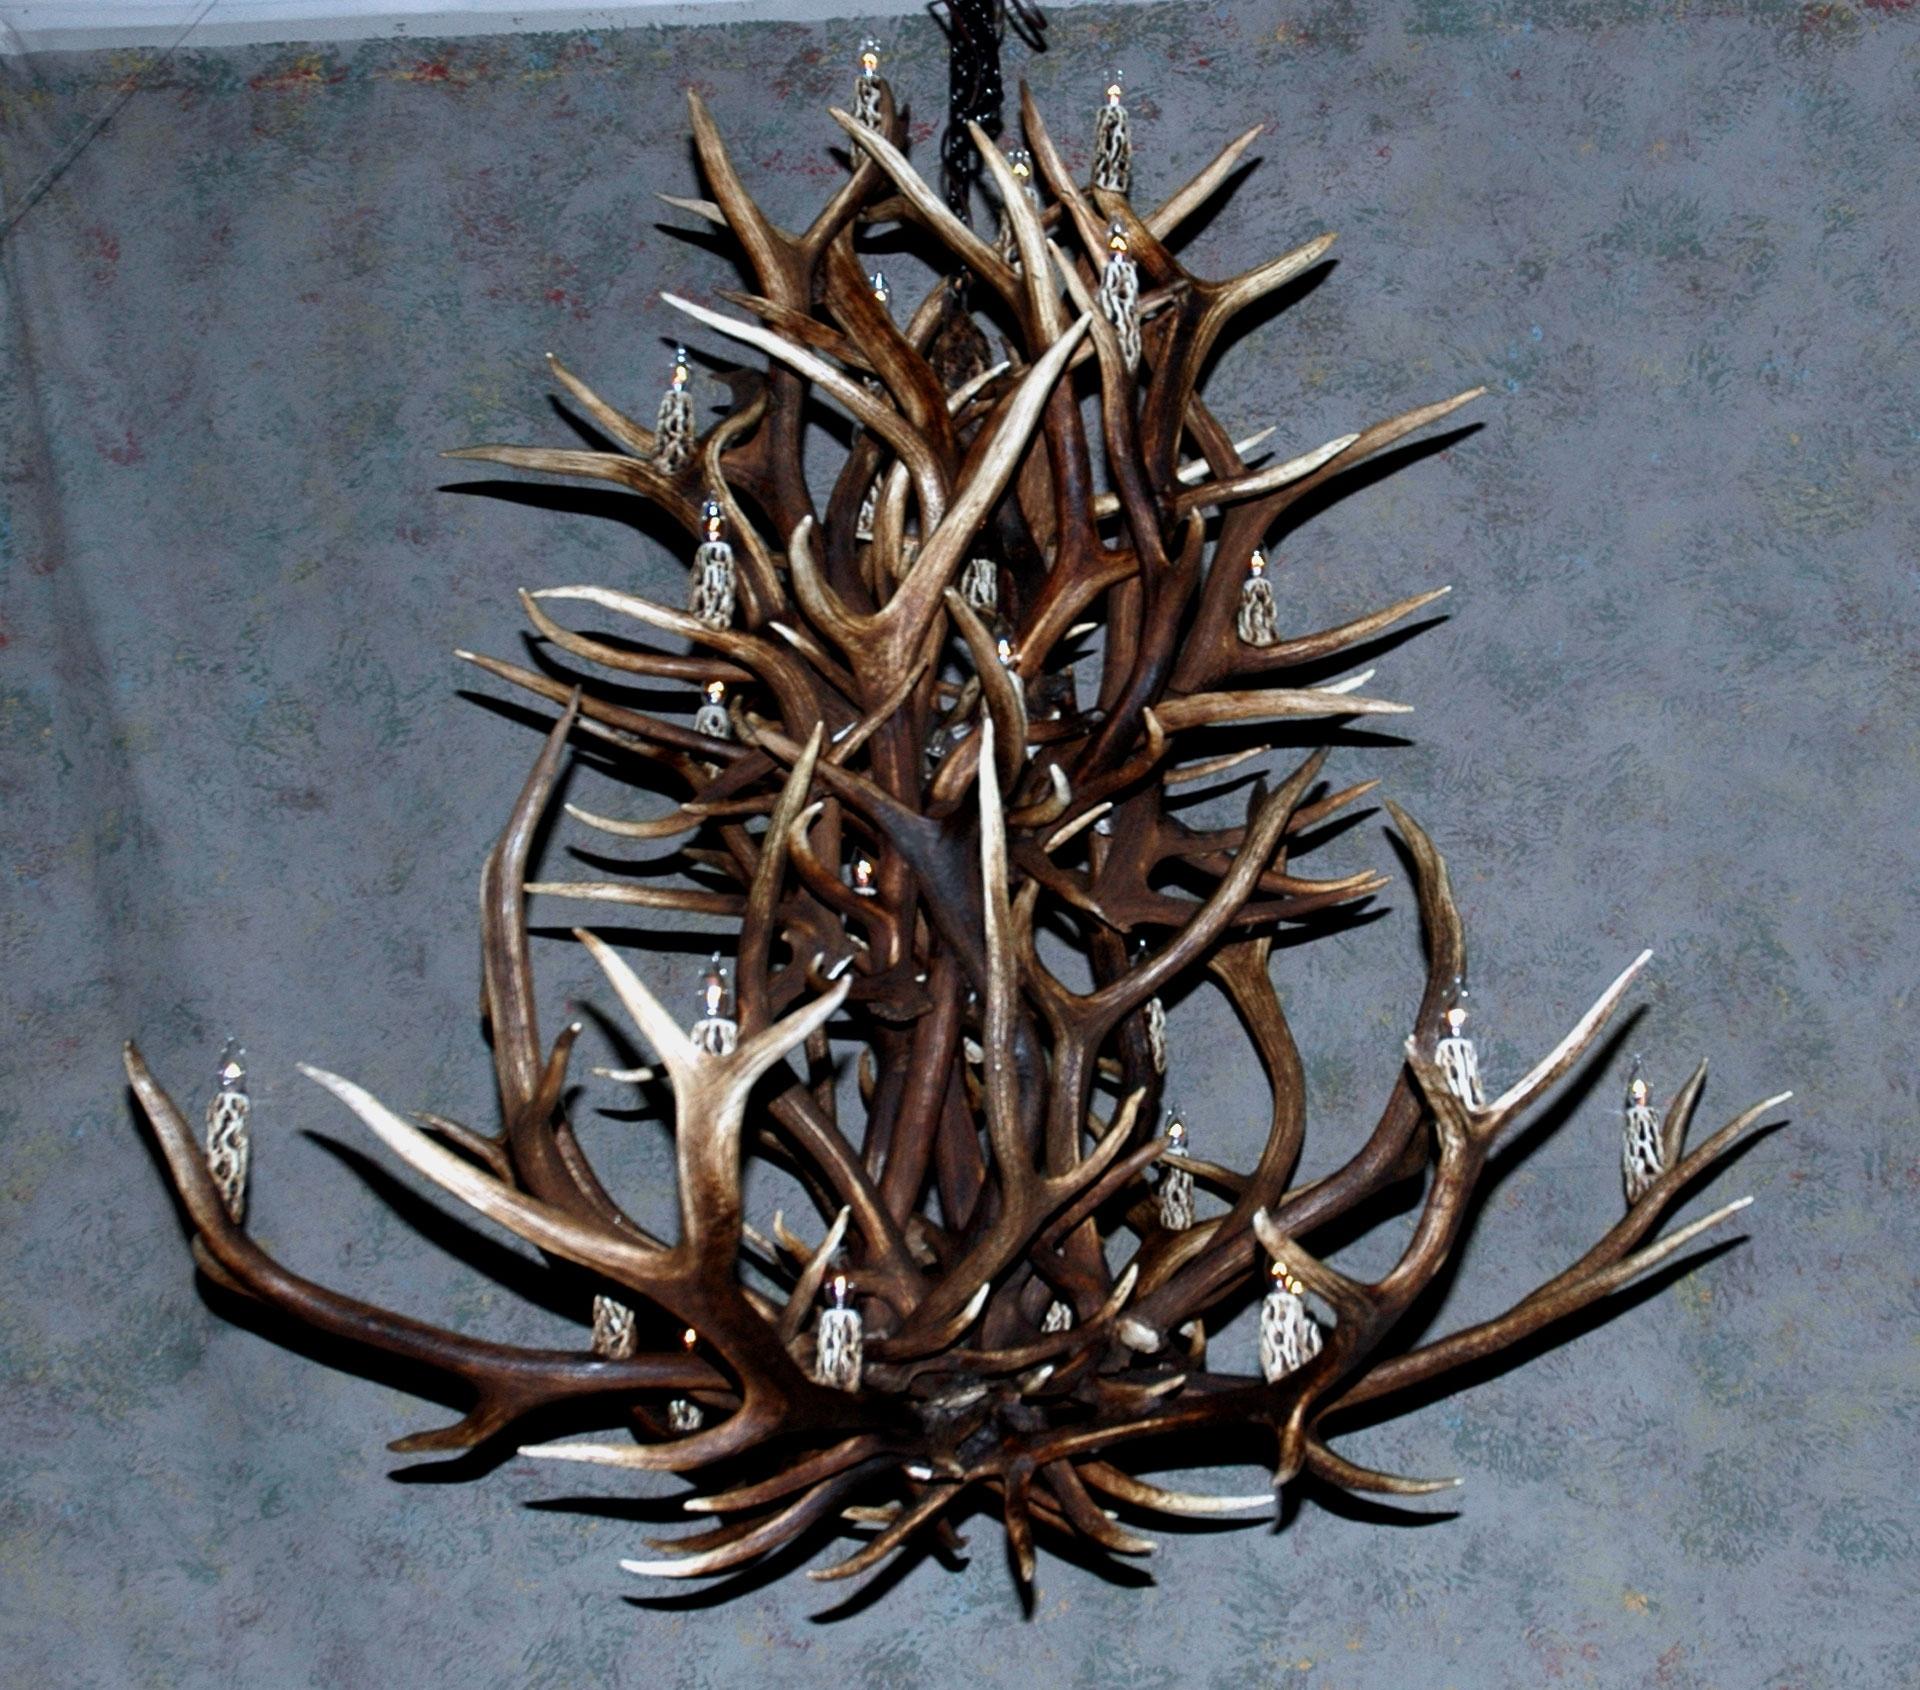 Best And Newest Antler Chandeliers, Deer Antler Chandelier, Deer Antler Lamps Regarding Large Antler Chandelier (View 6 of 15)